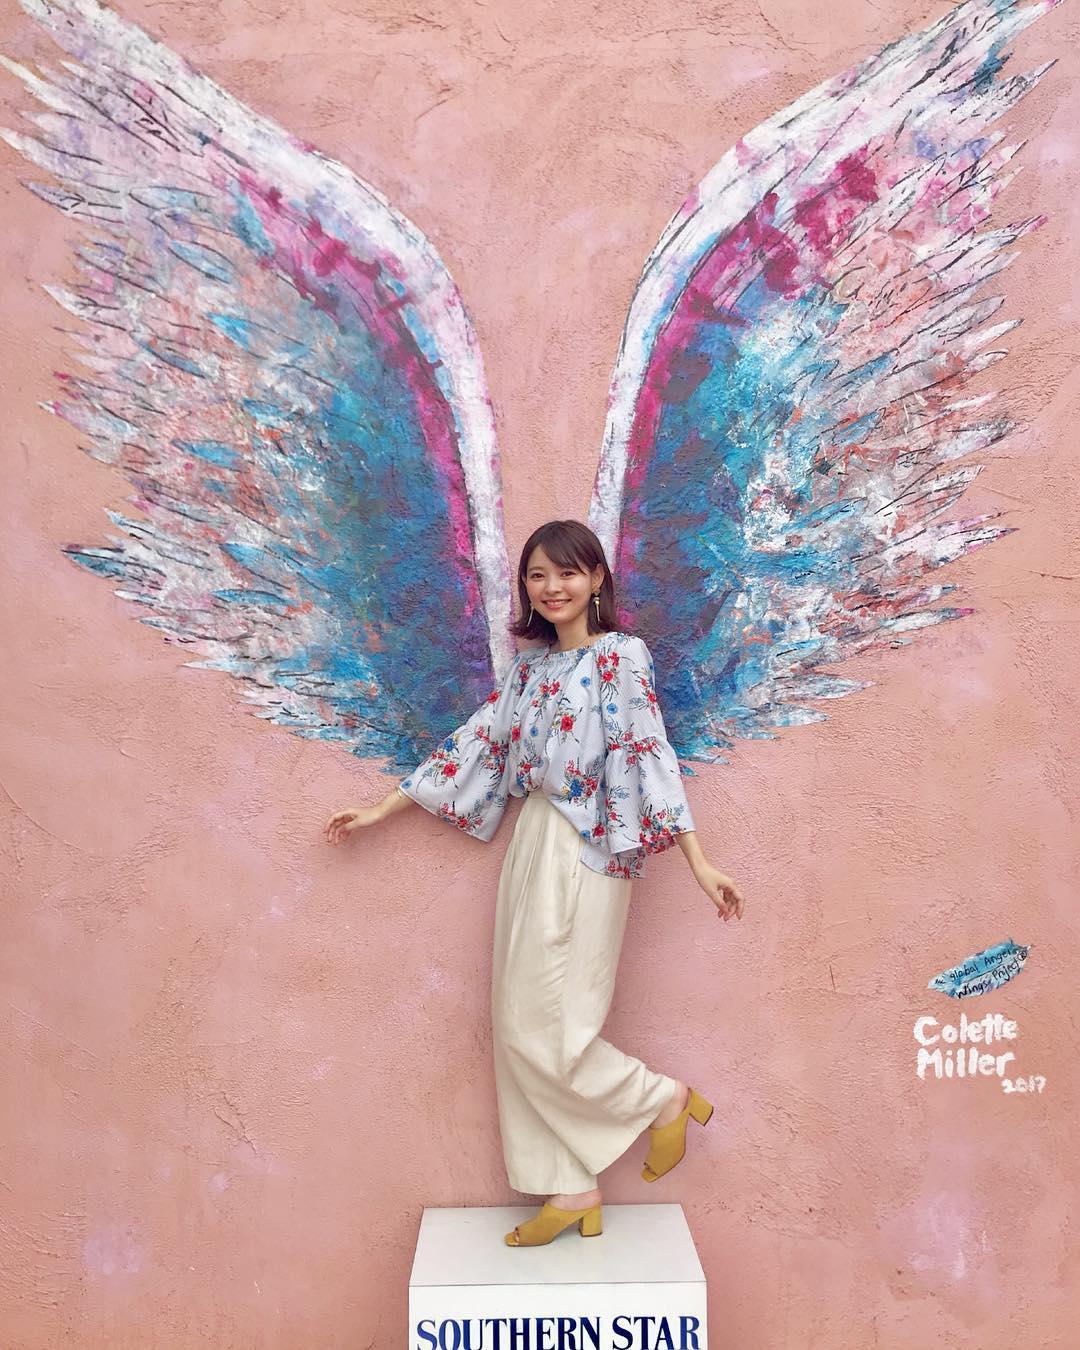 インスタ映え間違いなし!天使の羽が生えた壁とよく合うヘアスタイル5